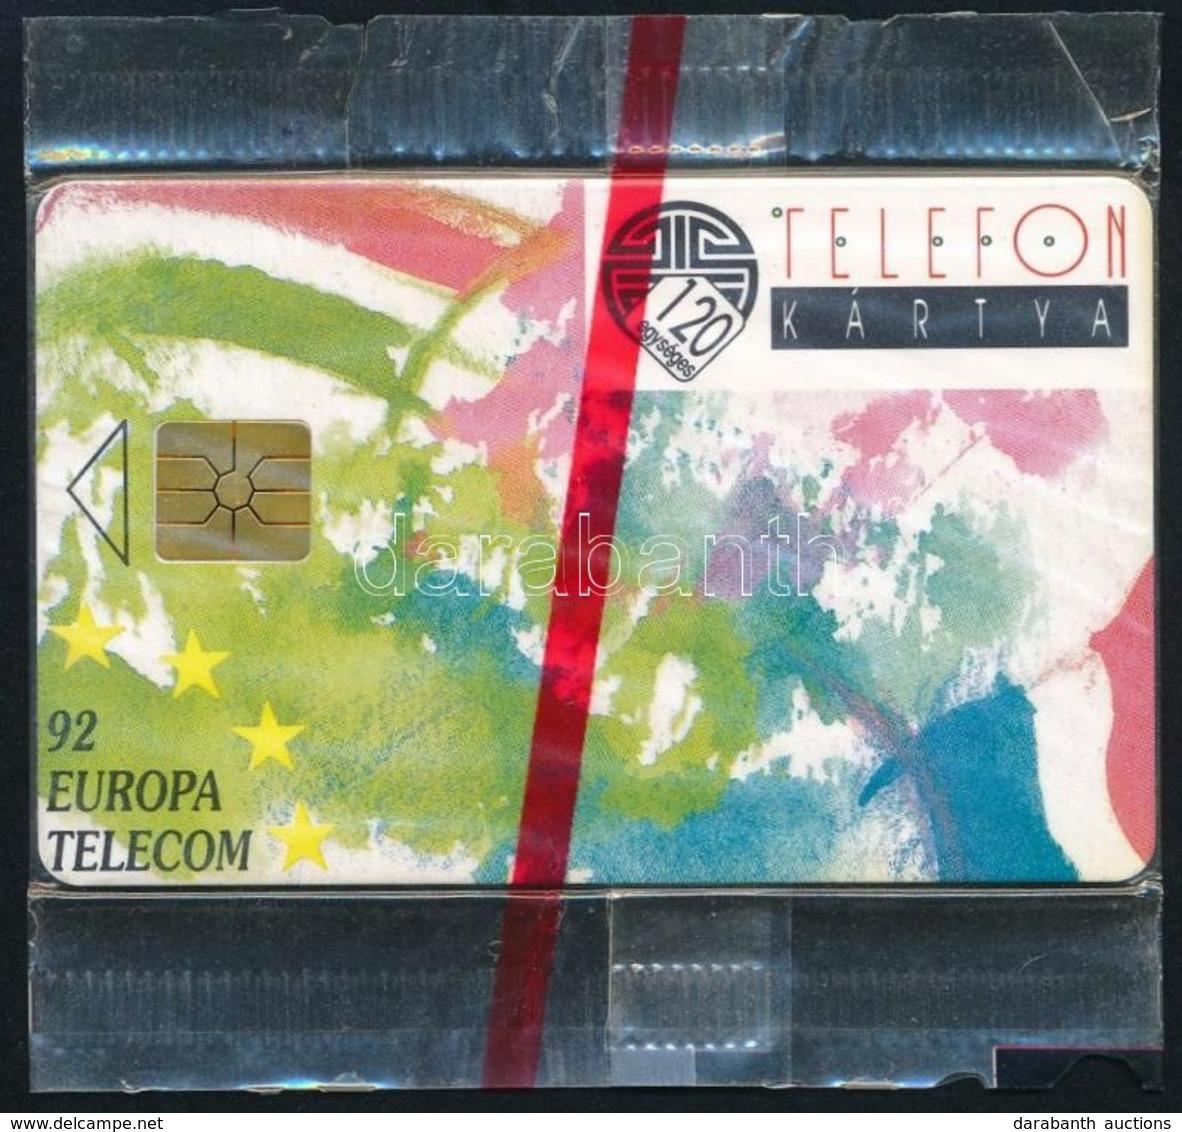 1992 Használatlan Europa Telecom Telefonkártya, Bontatlan Csomagolásban - Phonecards